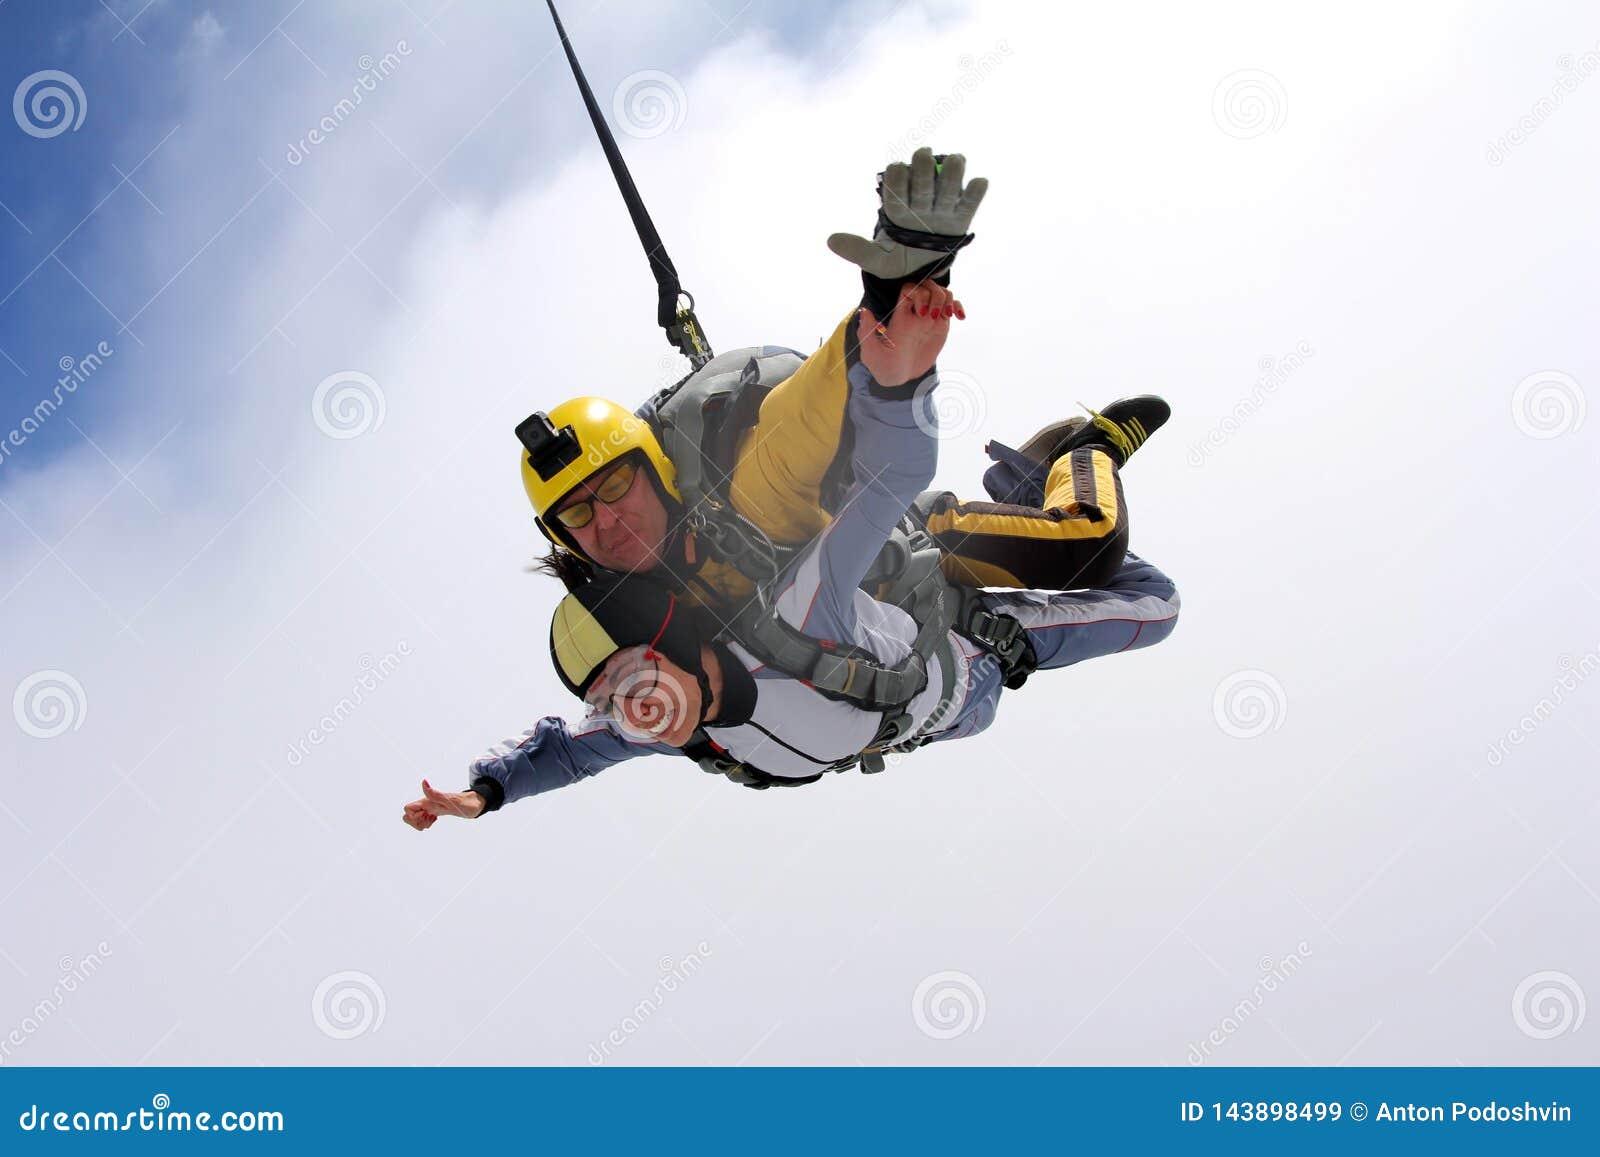 Salto em tandem Saltar em queda livre no céu azul